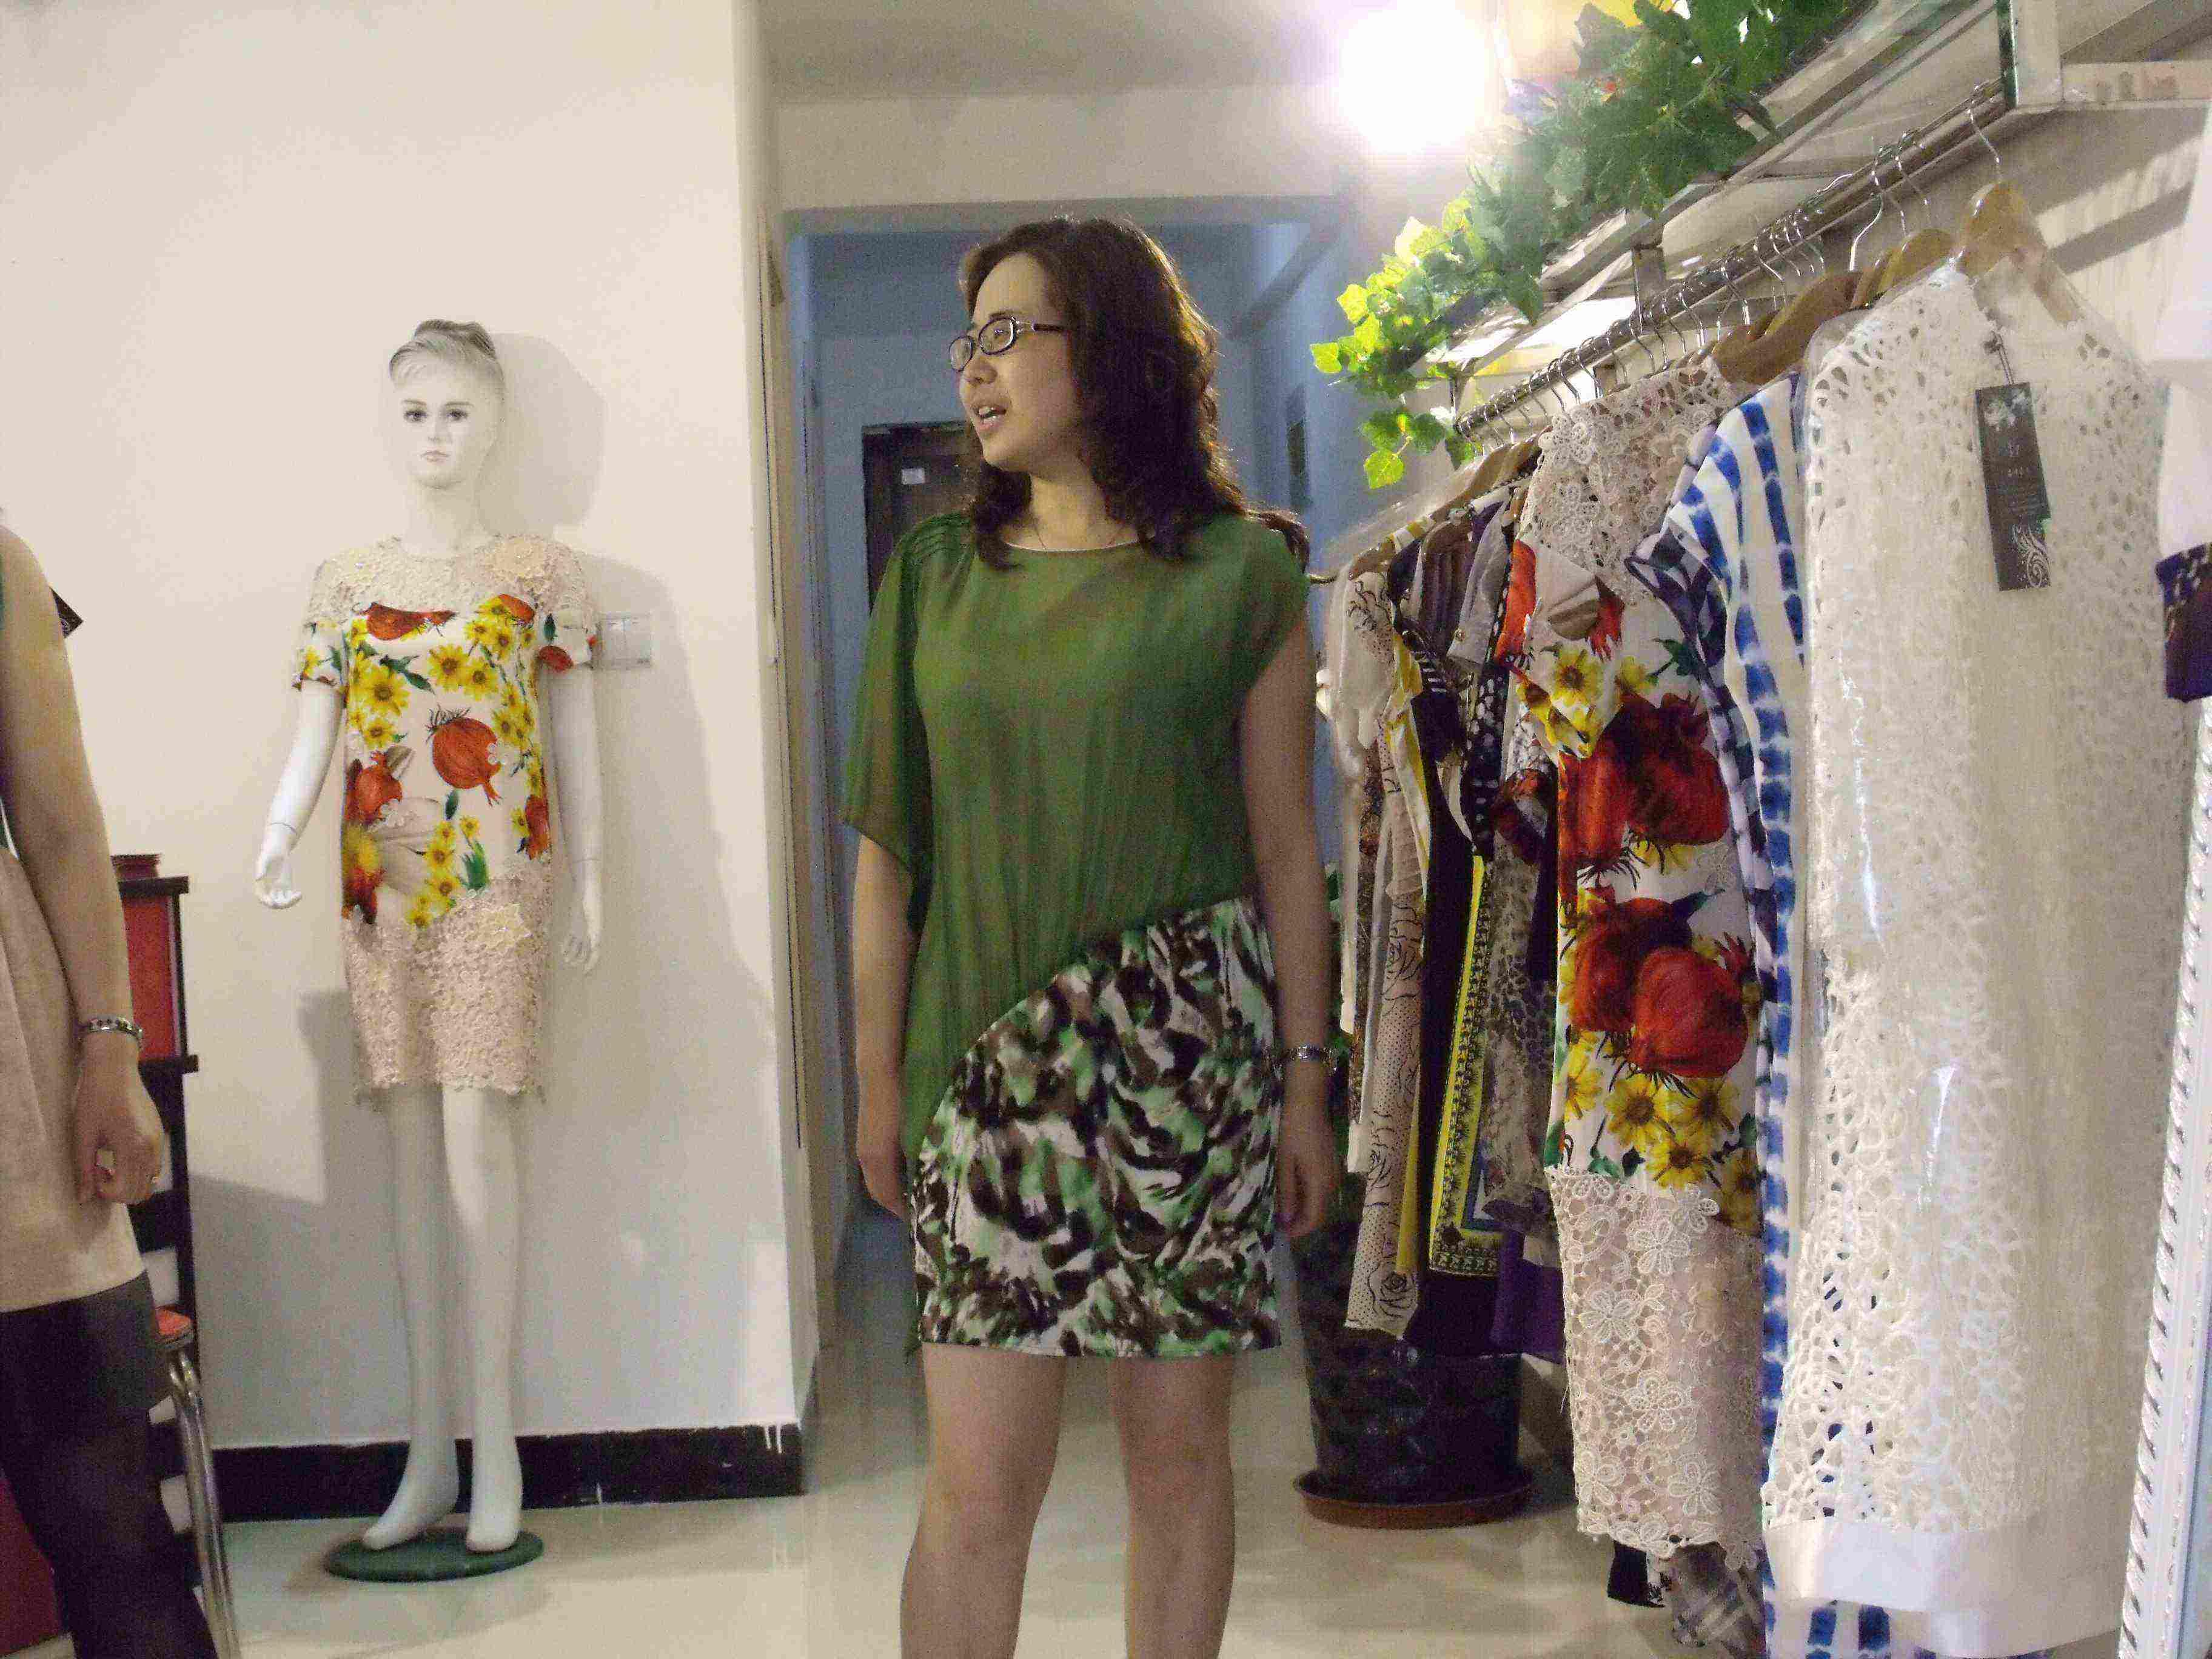 兰州东方红广场   国芳百盛商场内的时尚女性